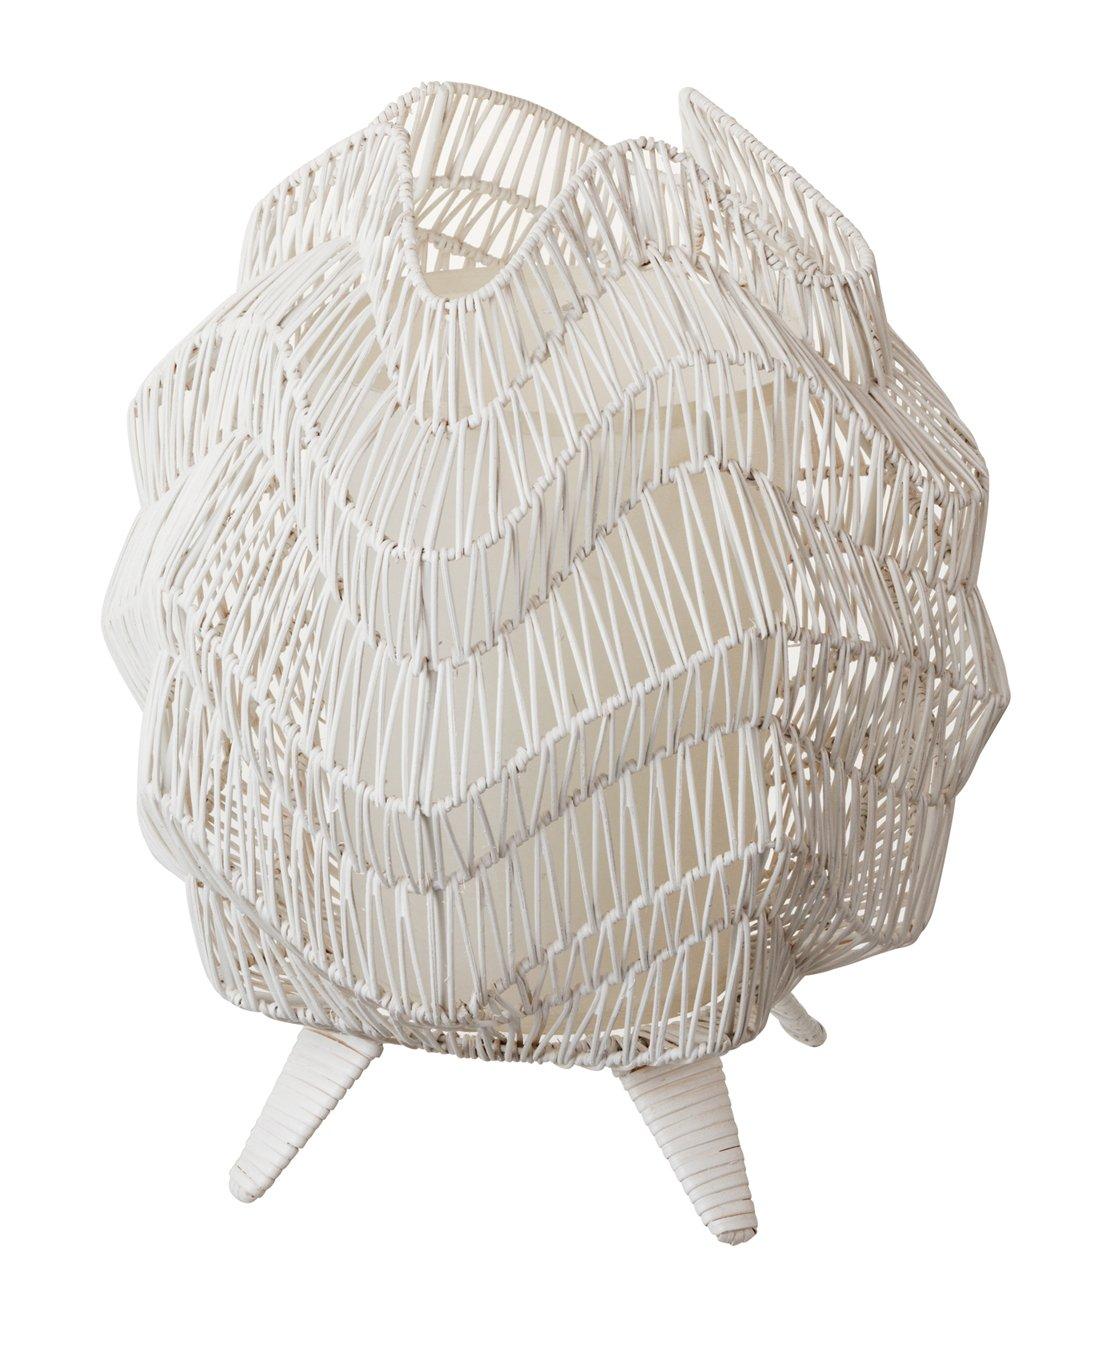 ラタンランプB ホワイト 20027 B00G3FLIDEホワイト